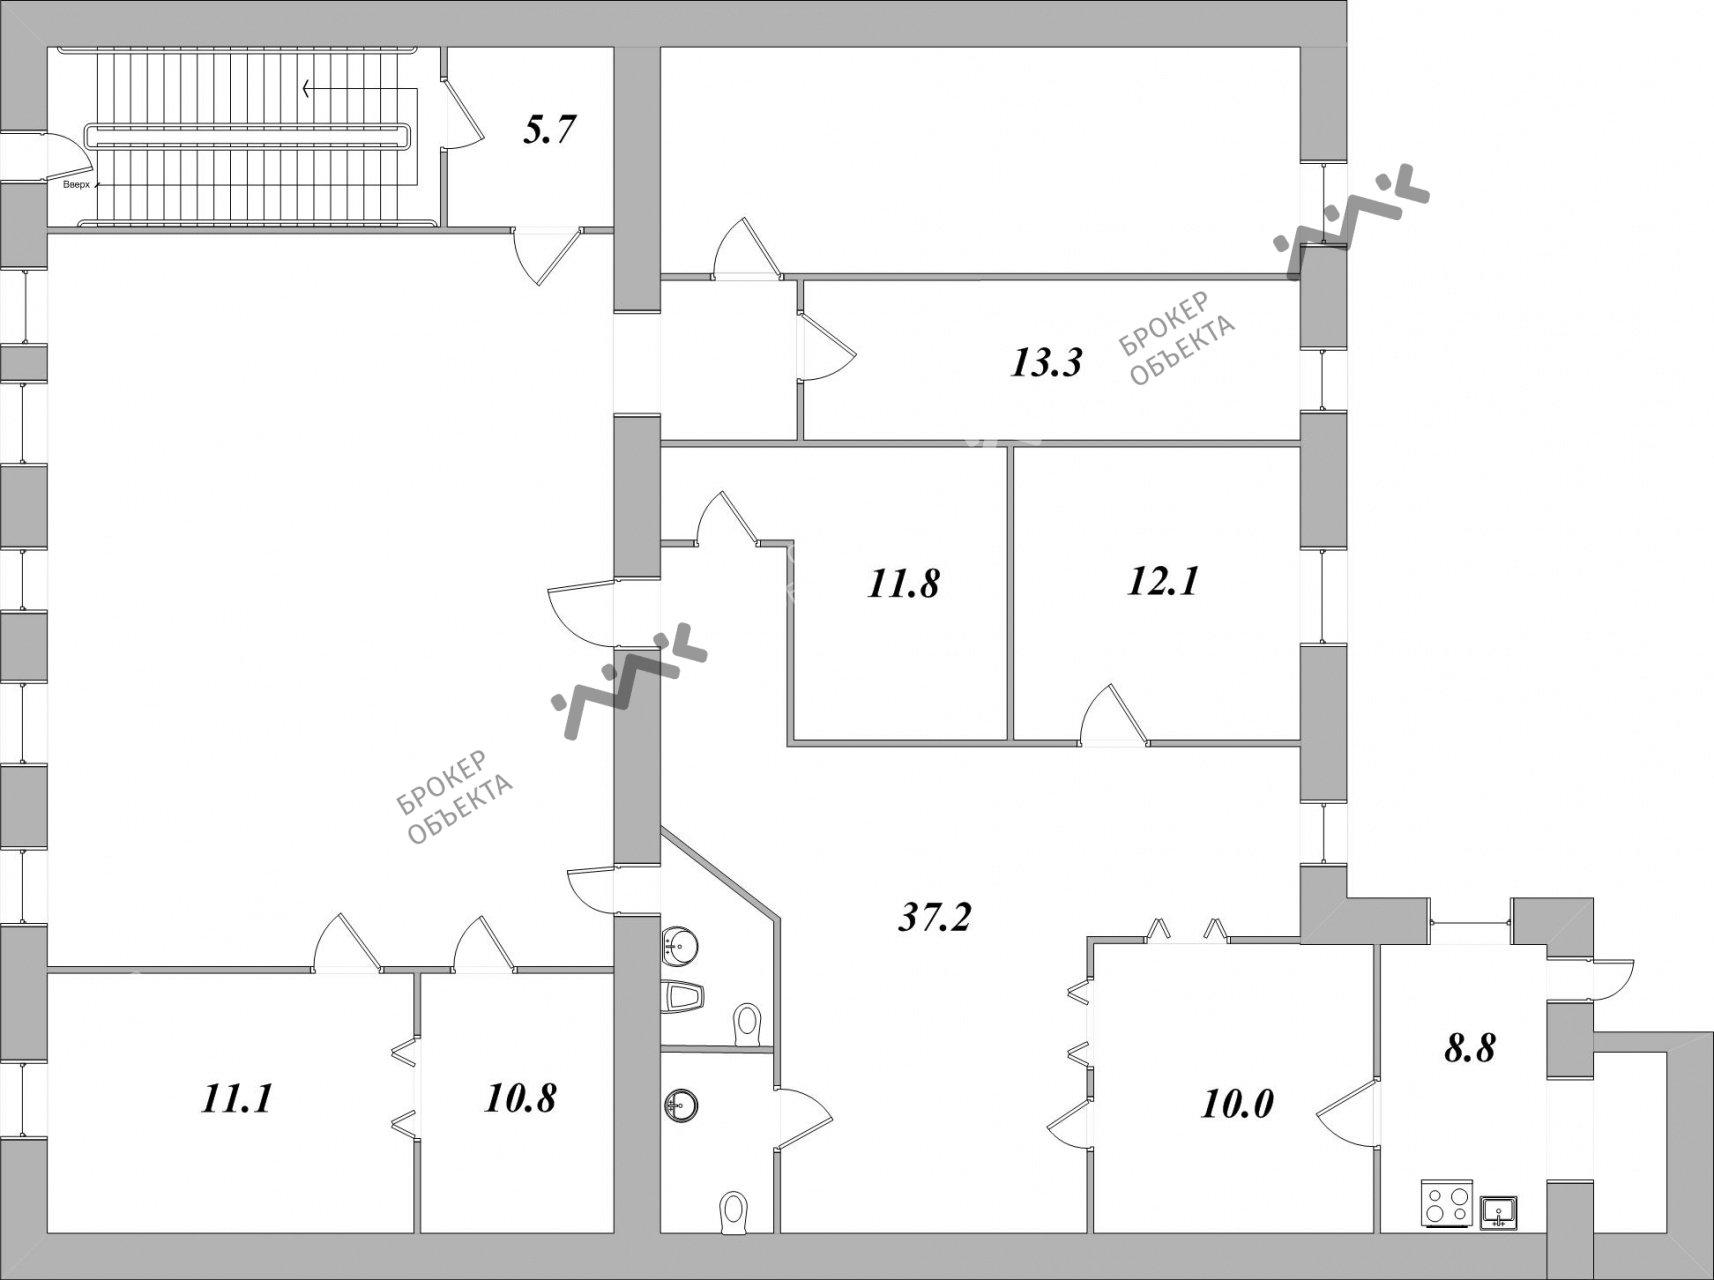 Планировка 6-я В.О. линия, д.43. Лот № 1841614